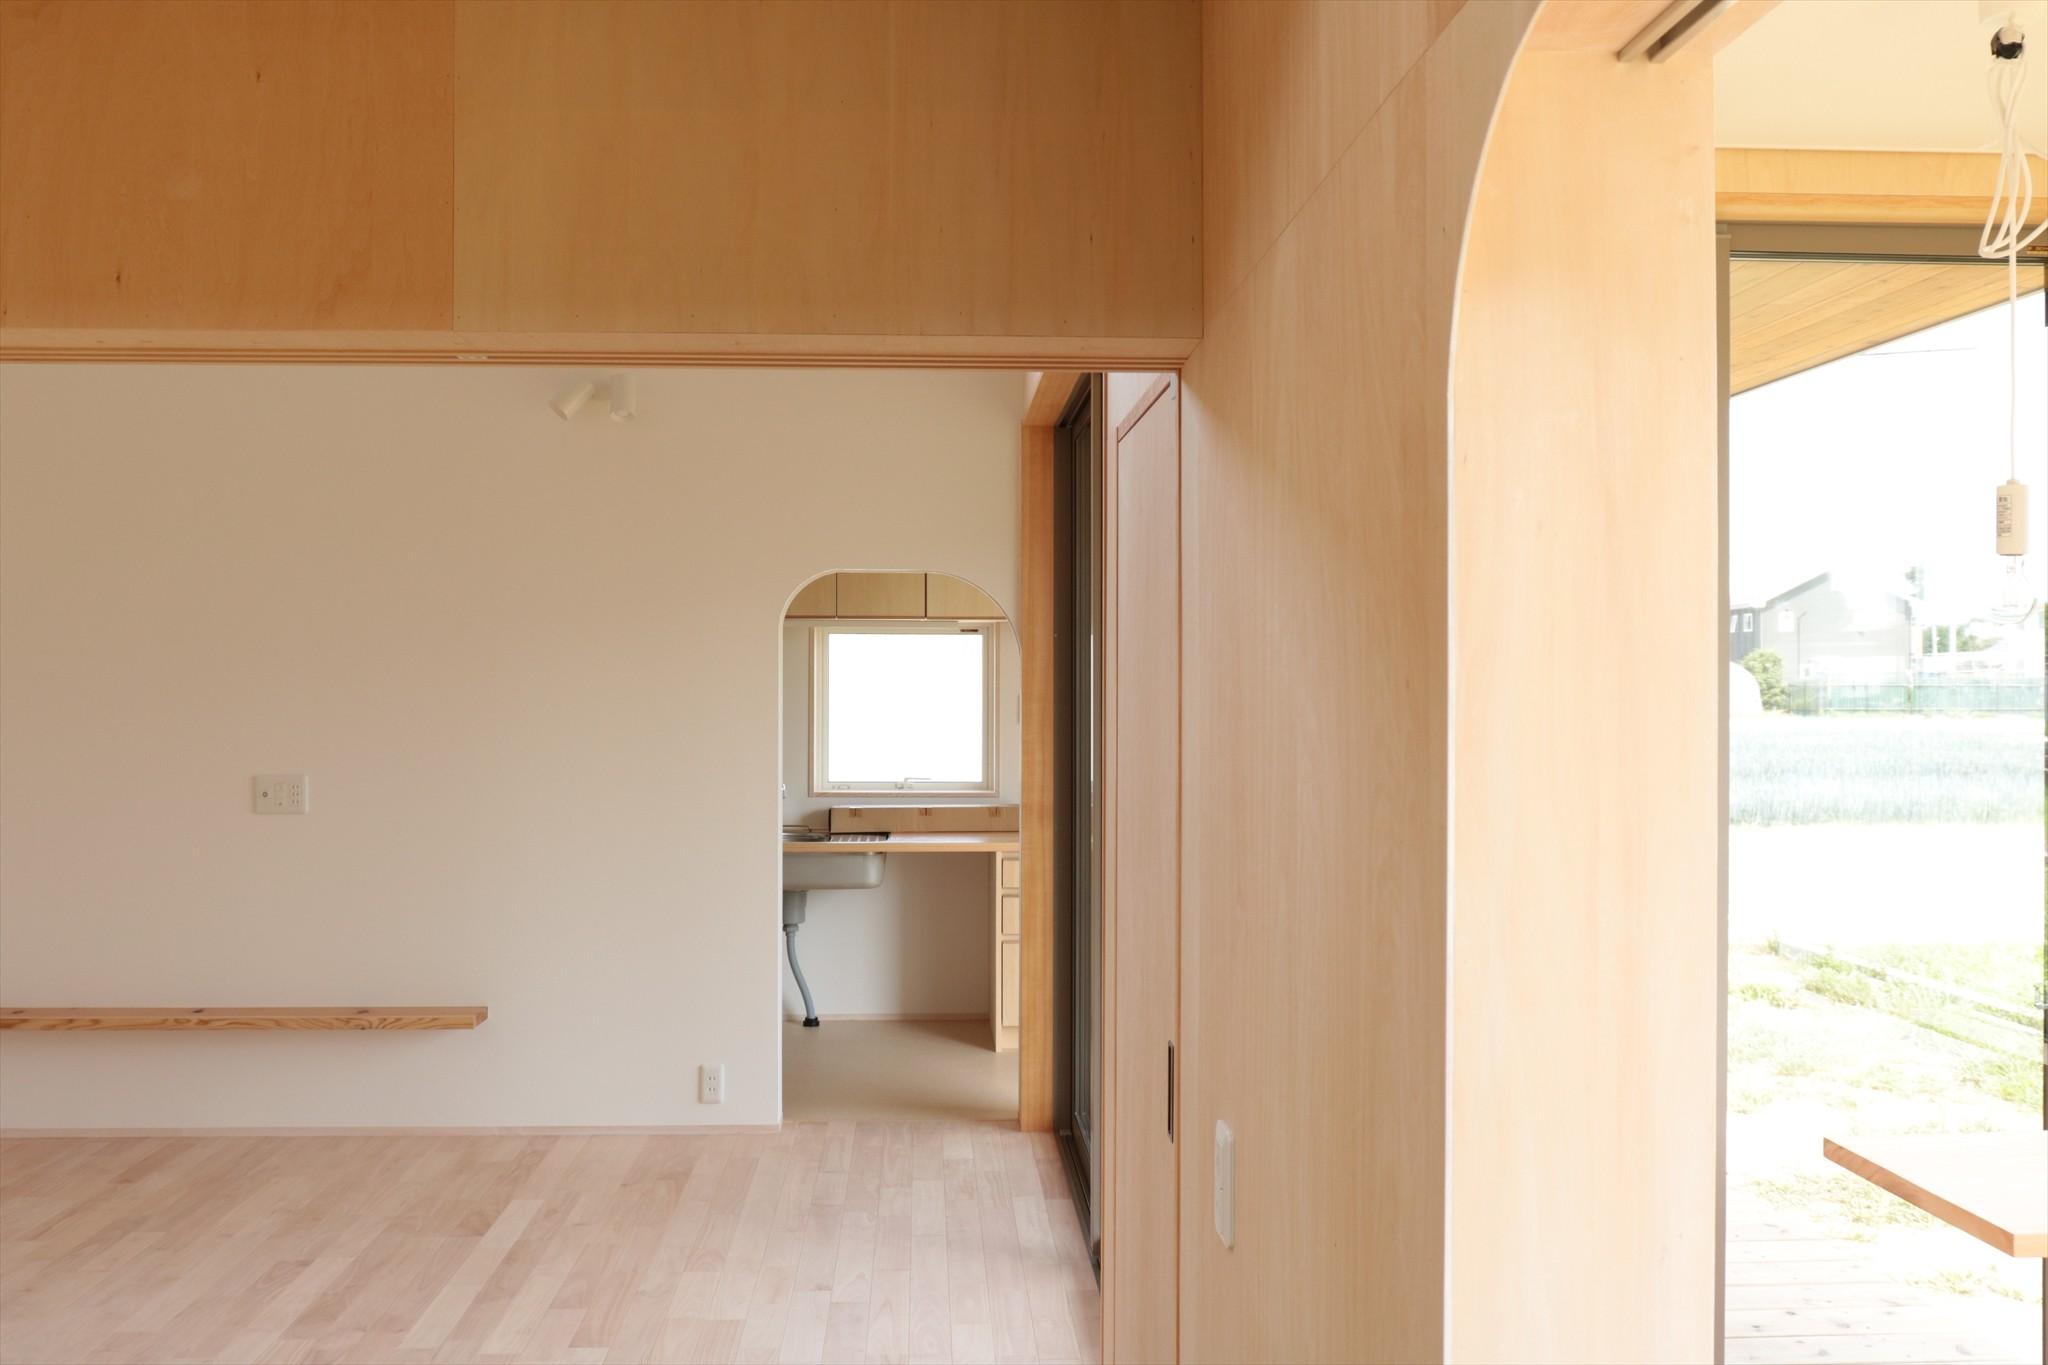 子供部屋事例:休耕地の家|仏間/広間/寝室(休耕地に建つ女性のための住宅)